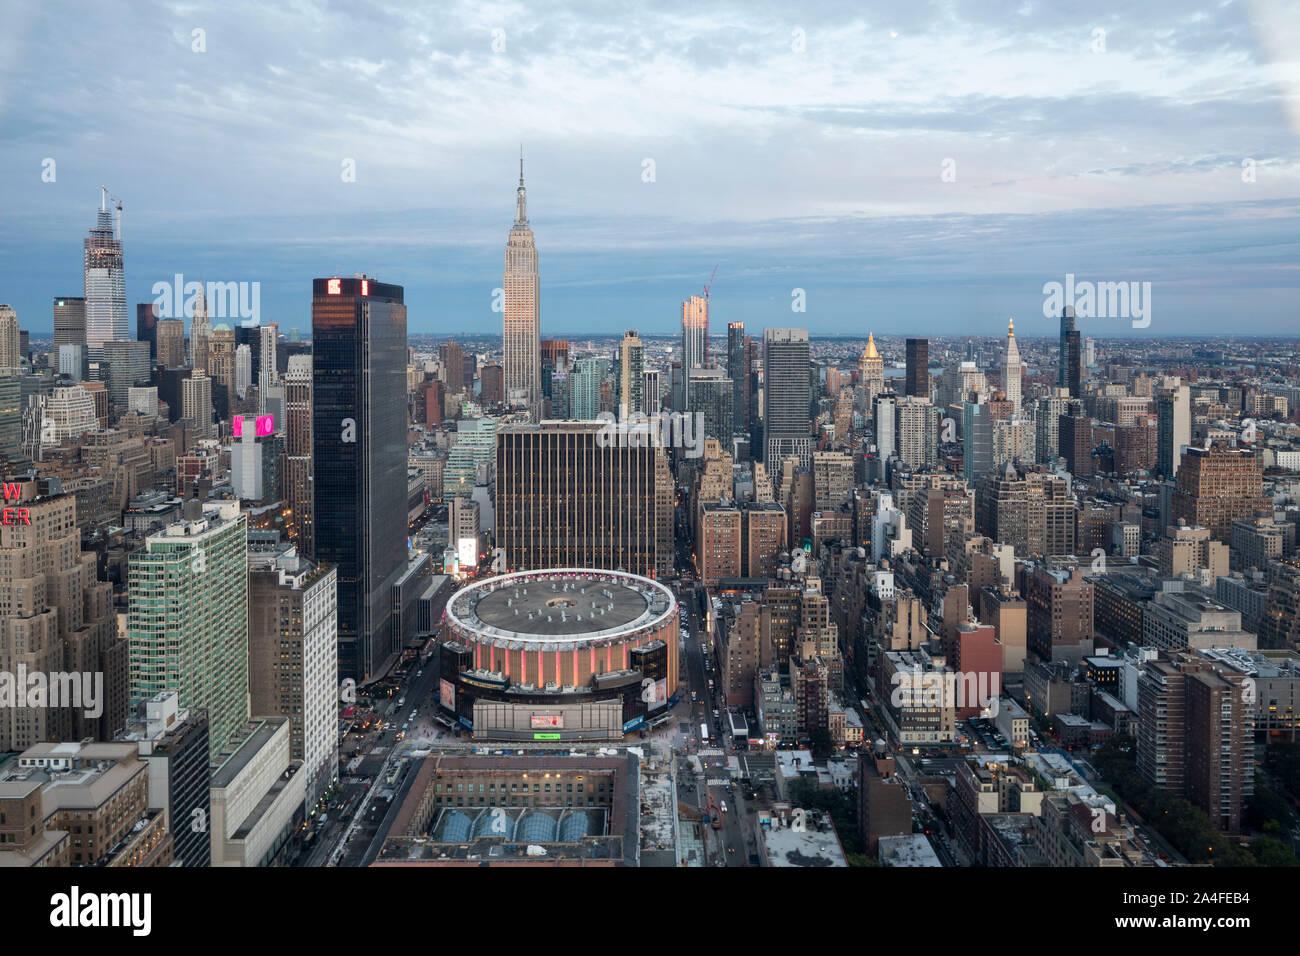 La VILLE DE NEW YORK, NY - 5 octobre, 2019: Vue aérienne du Madison Square Garden, à Manhattan, New York City, NY, USA, à l'Ouest. Banque D'Images